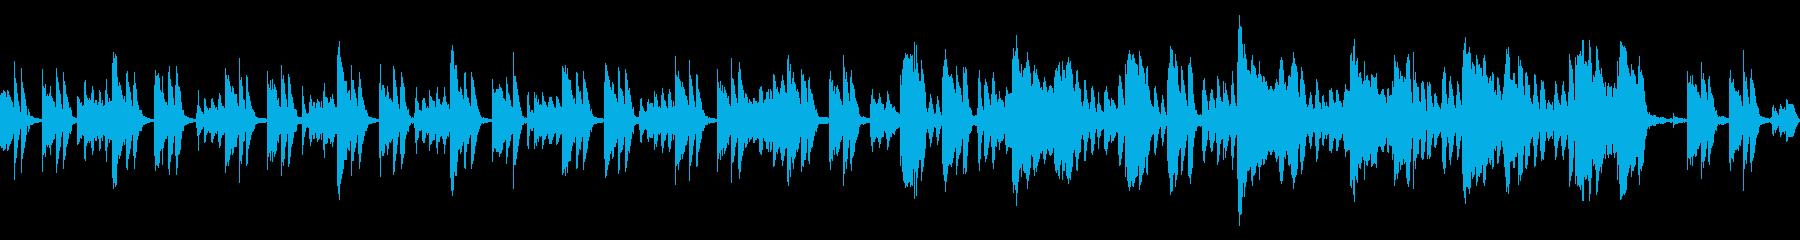 日常会話のバックで流れてそうなループ曲の再生済みの波形